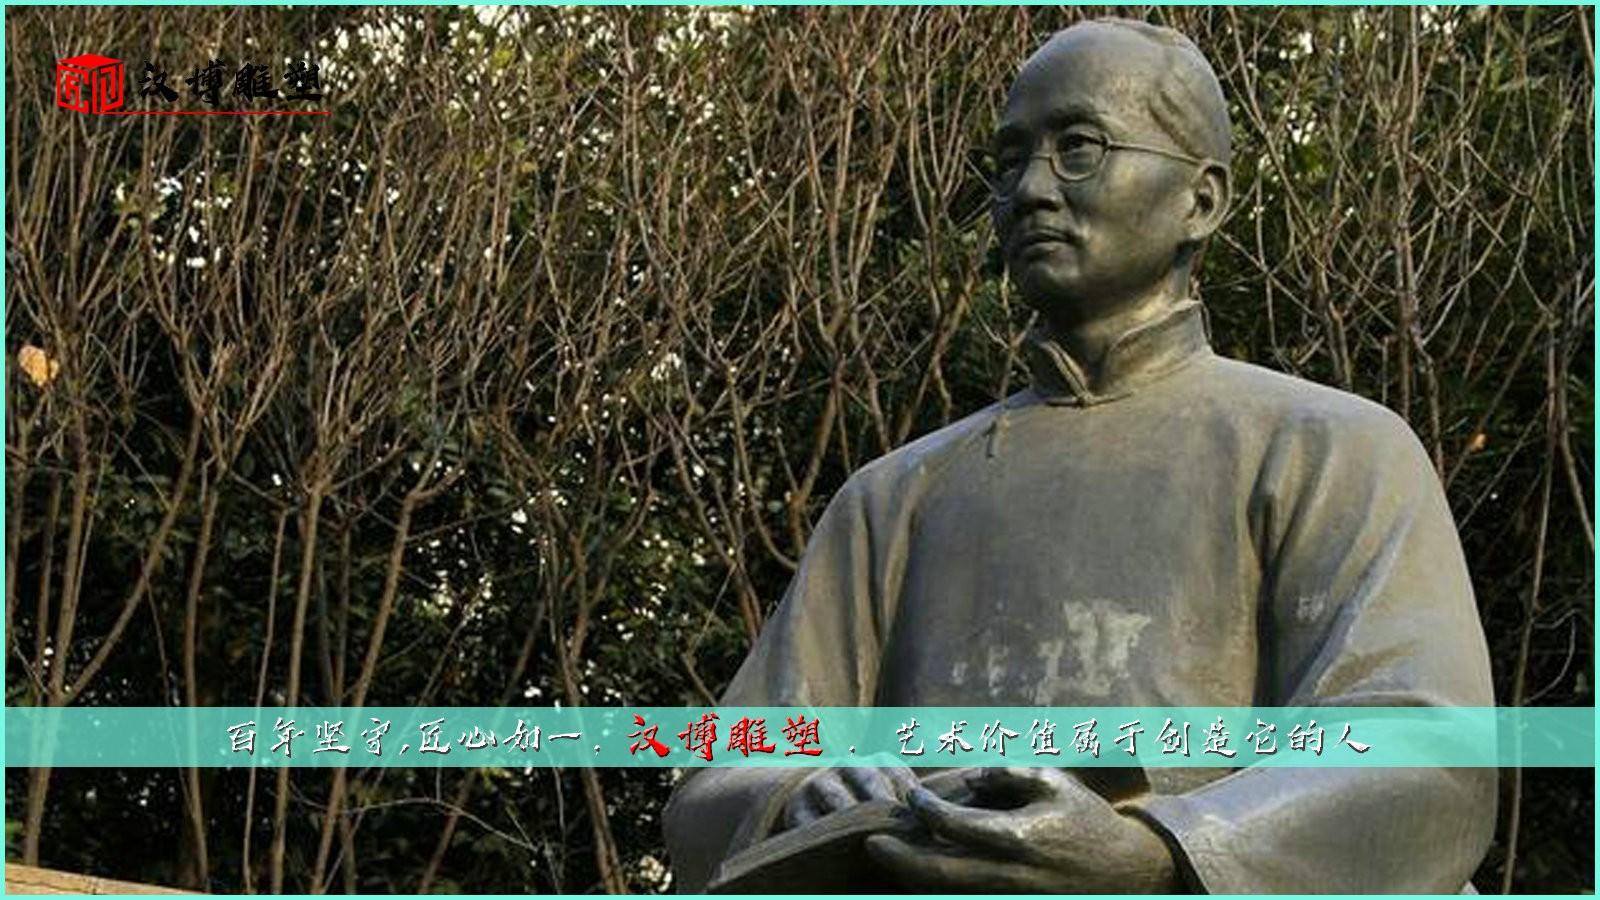 了解胡适了解民族文化;领略人物铜雕雕塑的风采